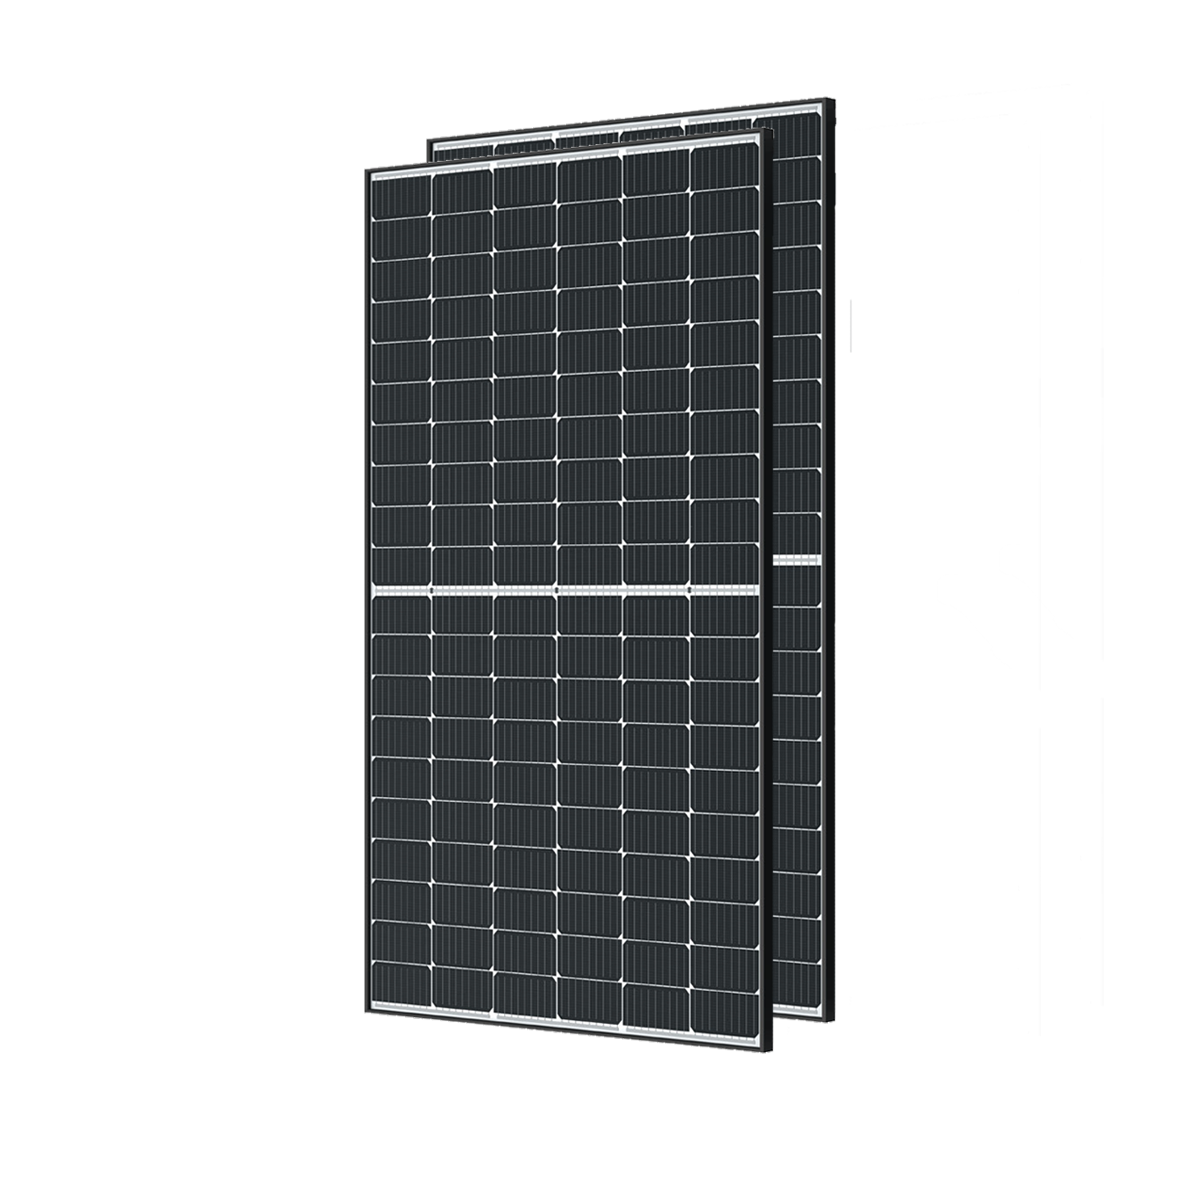 paneaux solaires monocristalins x2